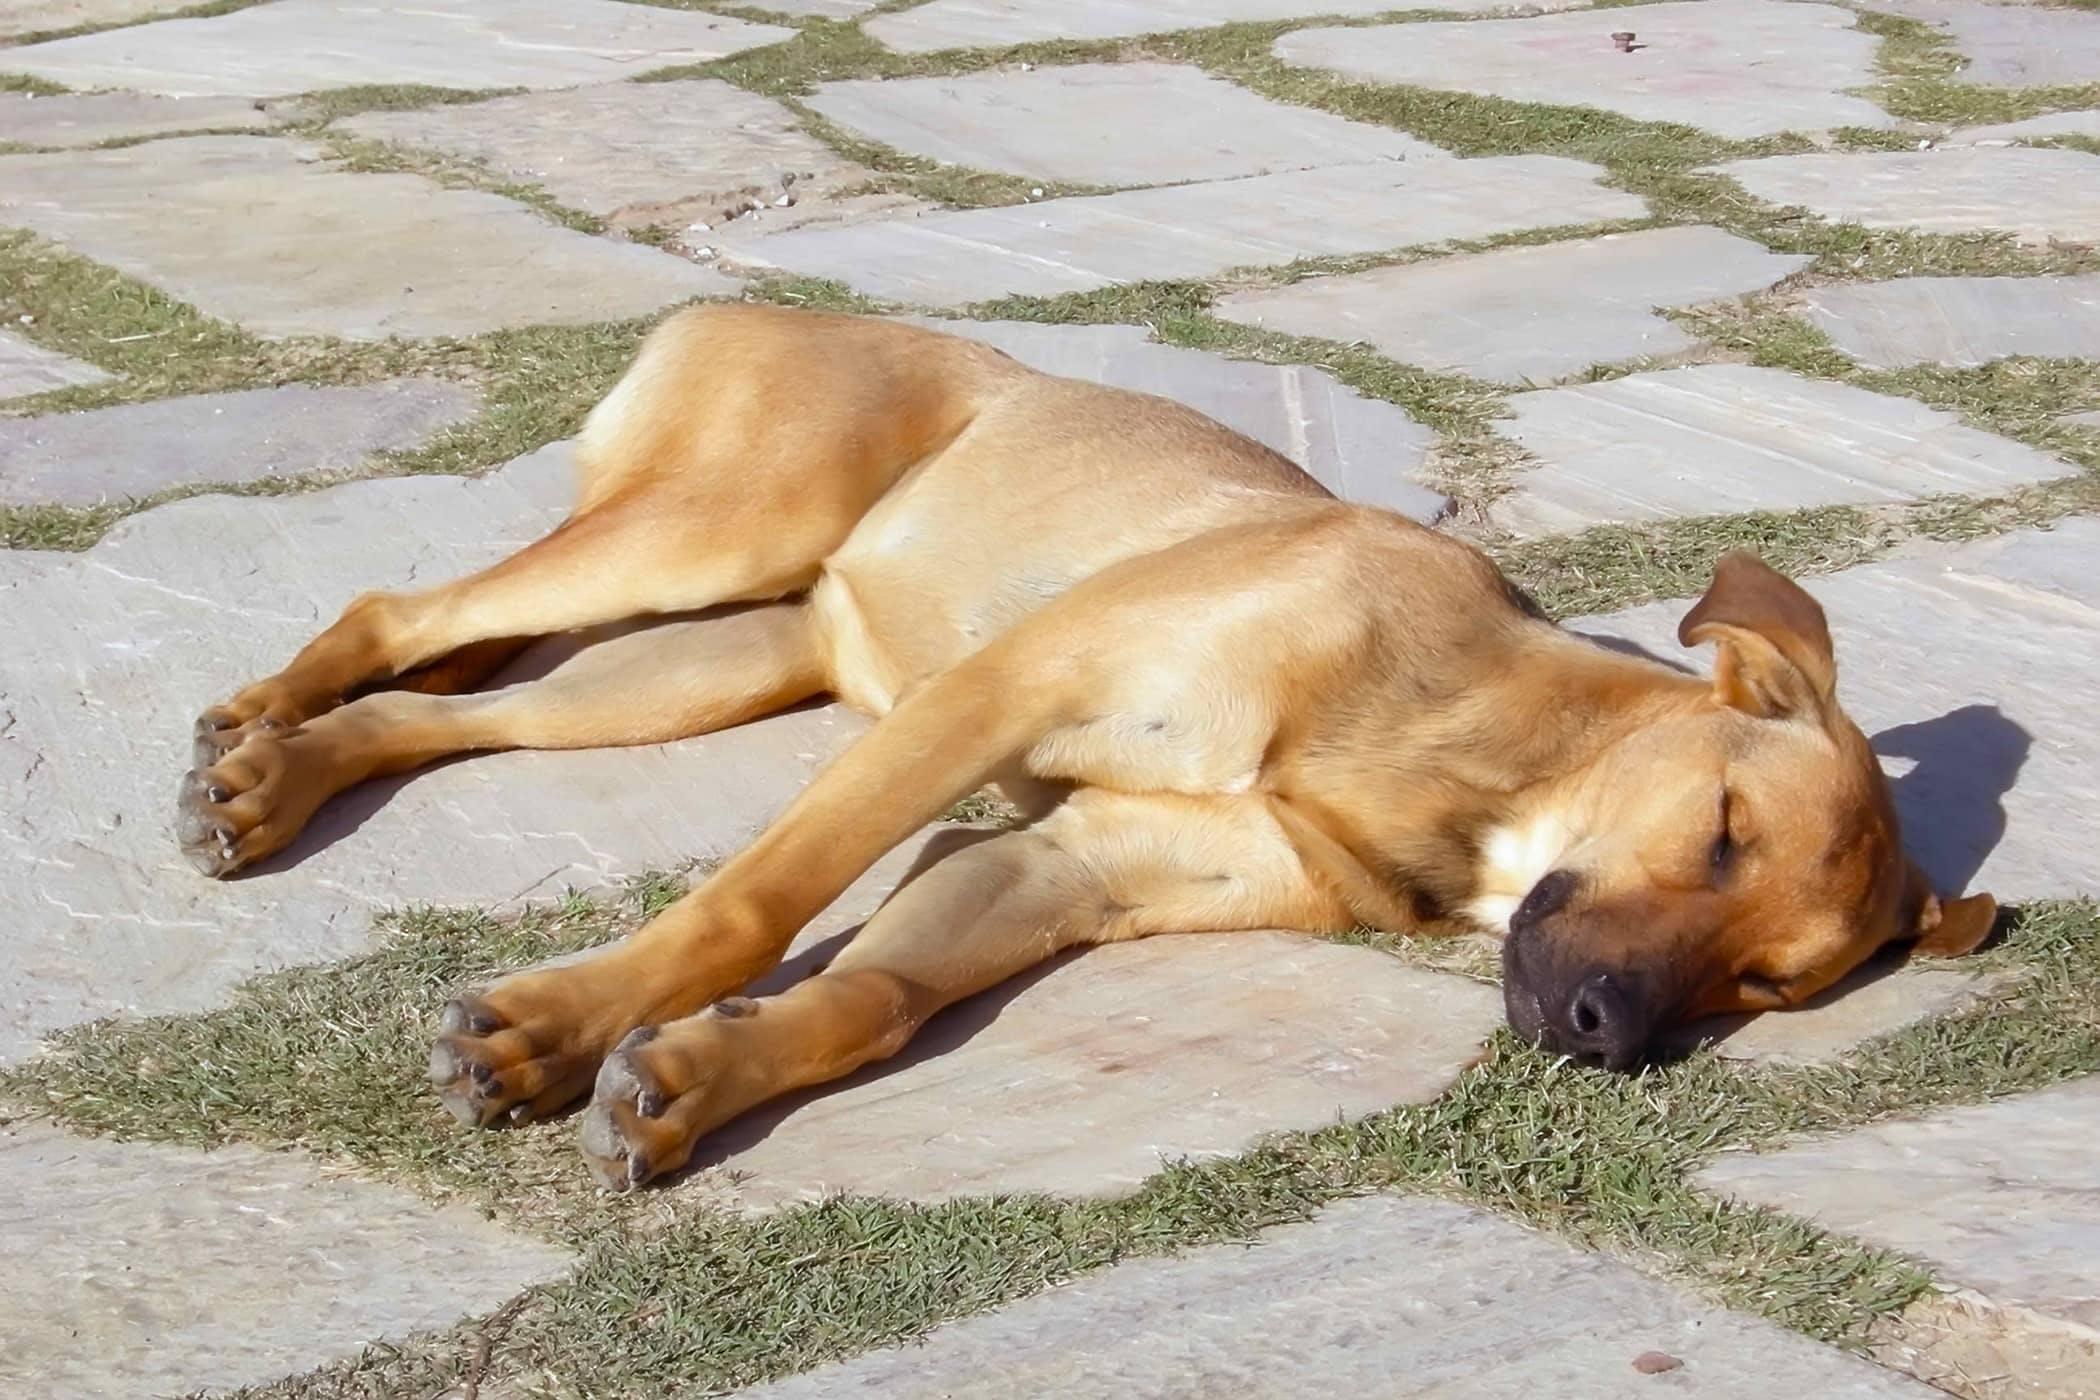 Dogilike.com :: 5 พฤติกรรมทำหมาช็อกได้ในหน้าร้อน(โดยเจ้าของอาจไม่รู้ตัว!!)